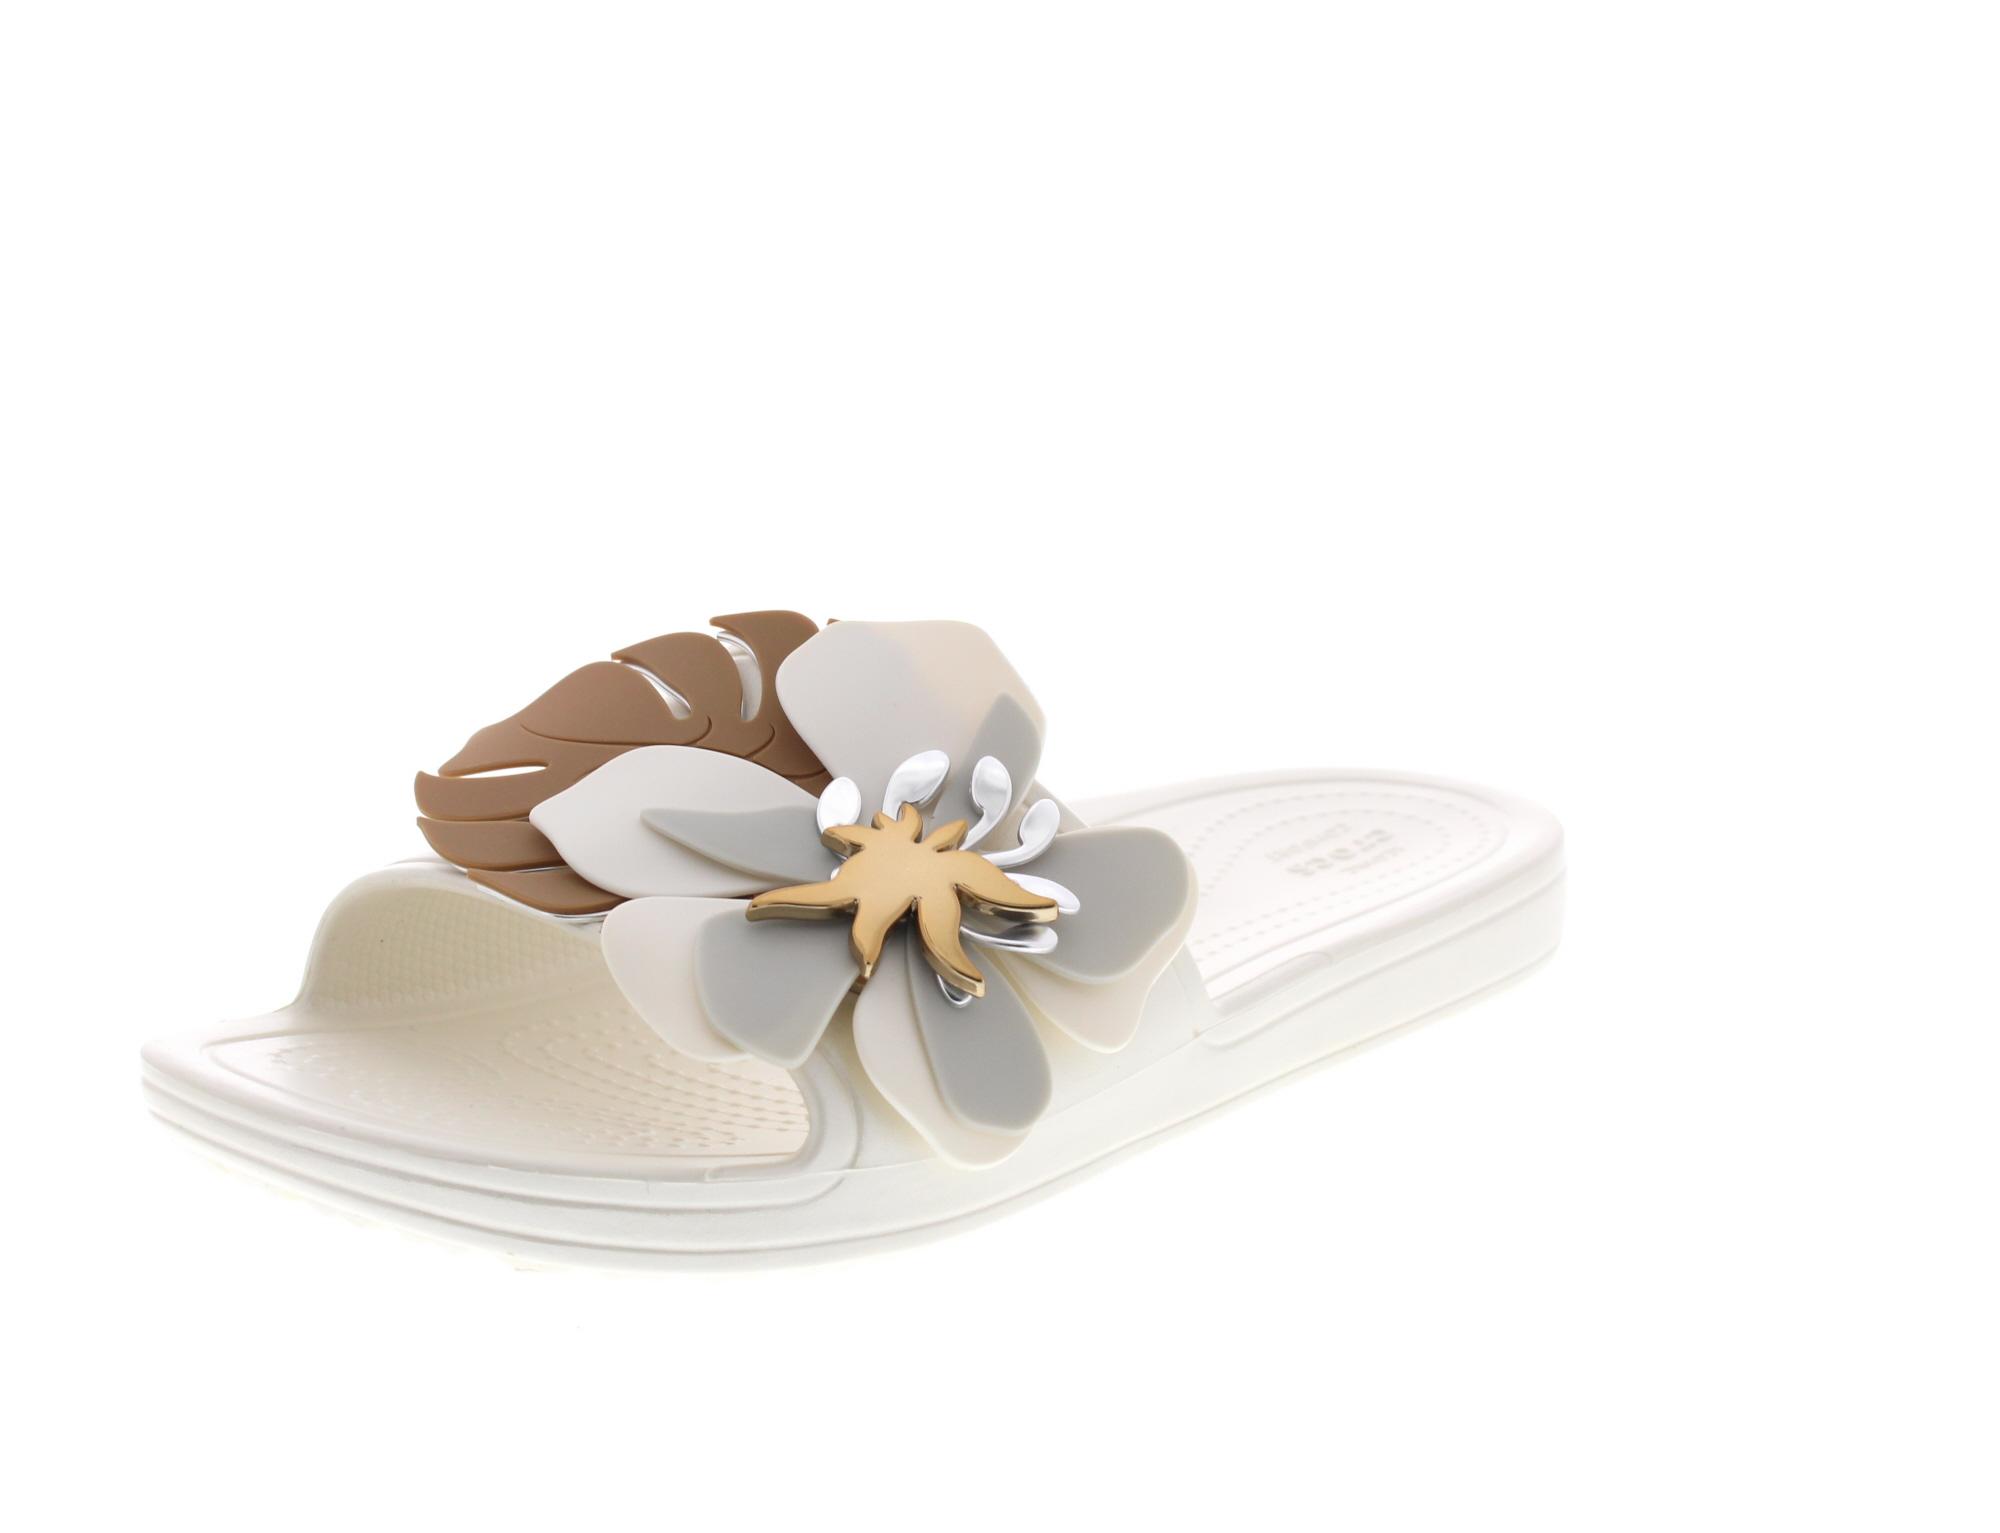 CROCS Pantoletten SLOANE BOTANICAL FLOWER SLIDE oyster0-6605